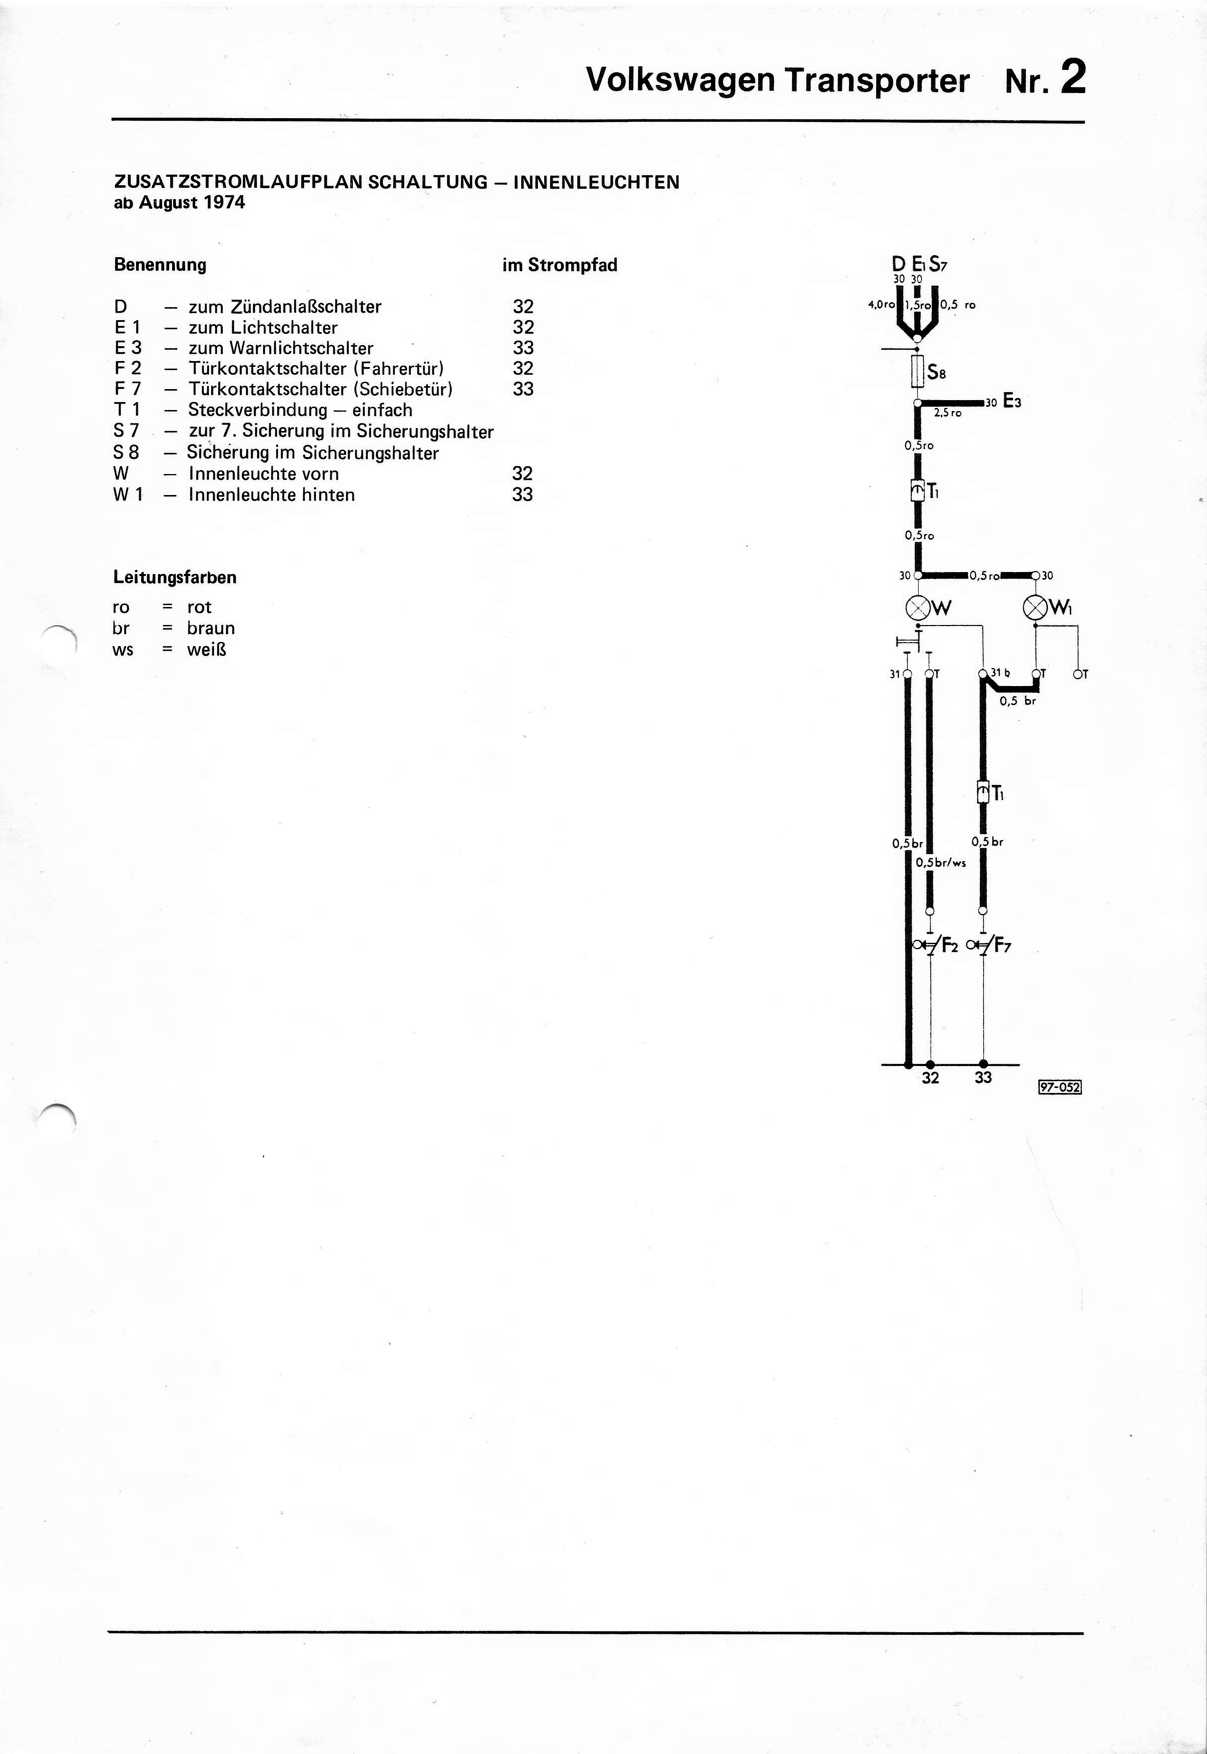 ... Zusatzstromlaufplan Schaltung - Innenleuchten ab August 1974 ...